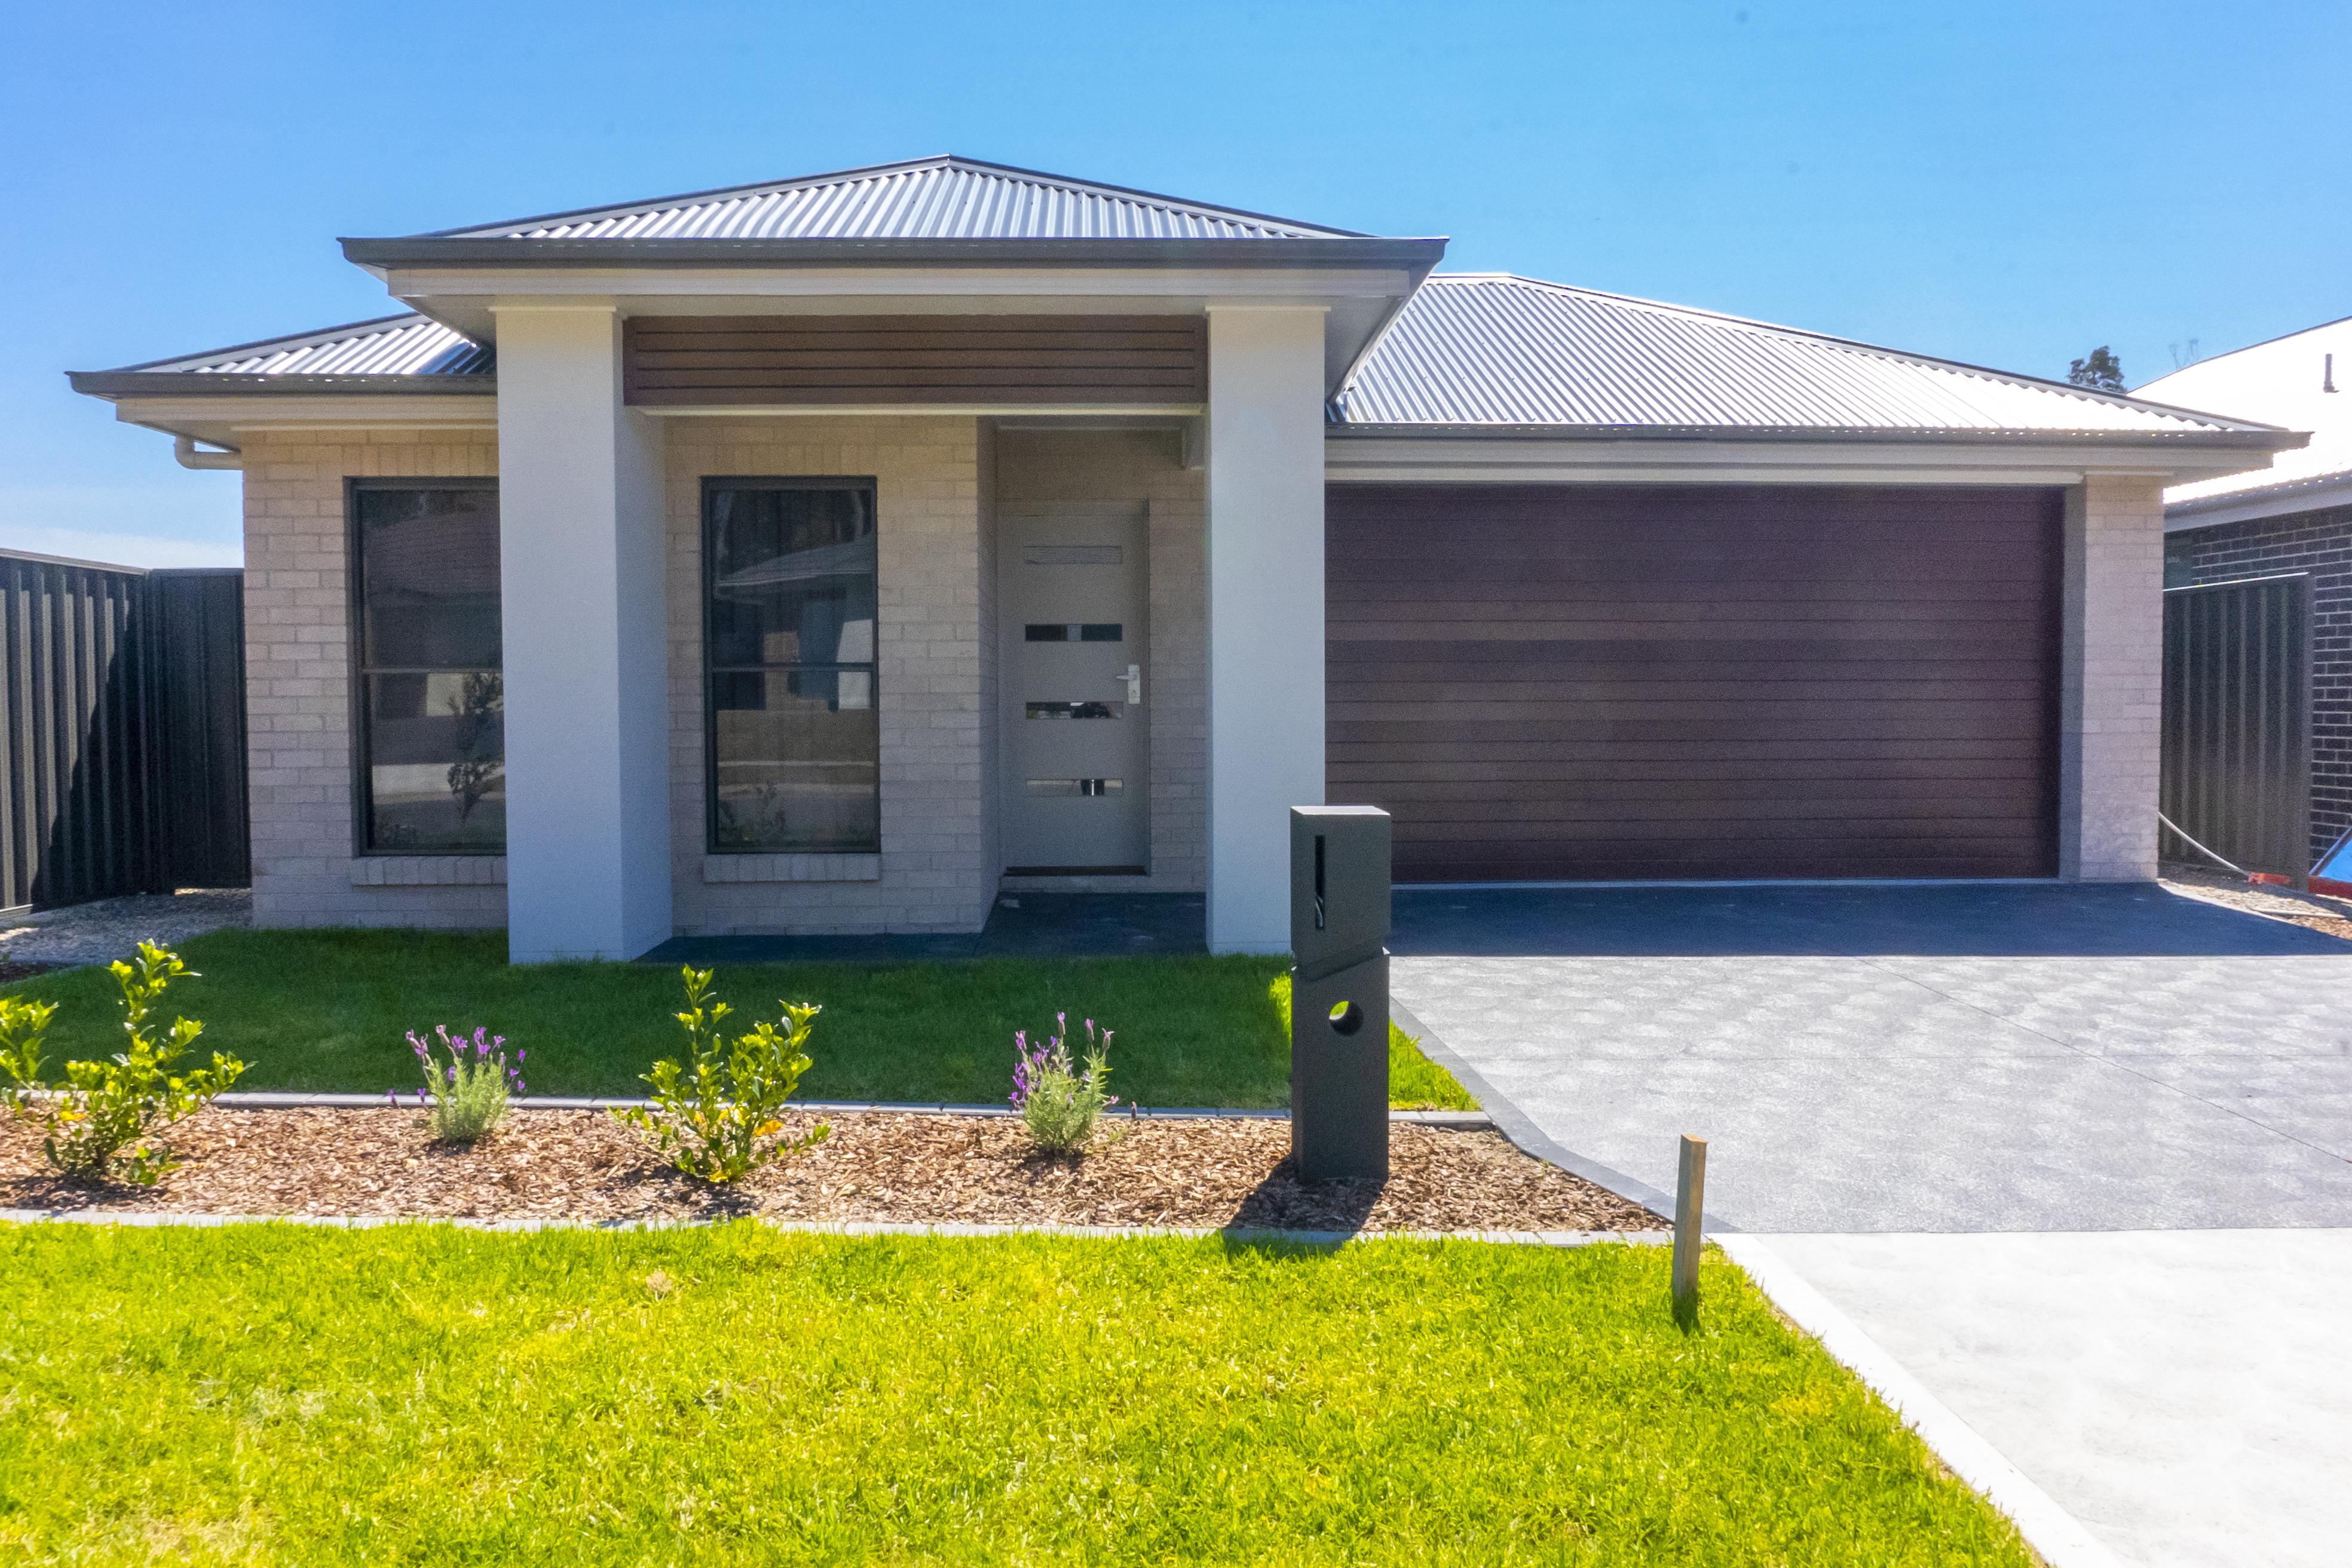 Lot 142, Hamlyn Terrace NSW 2259